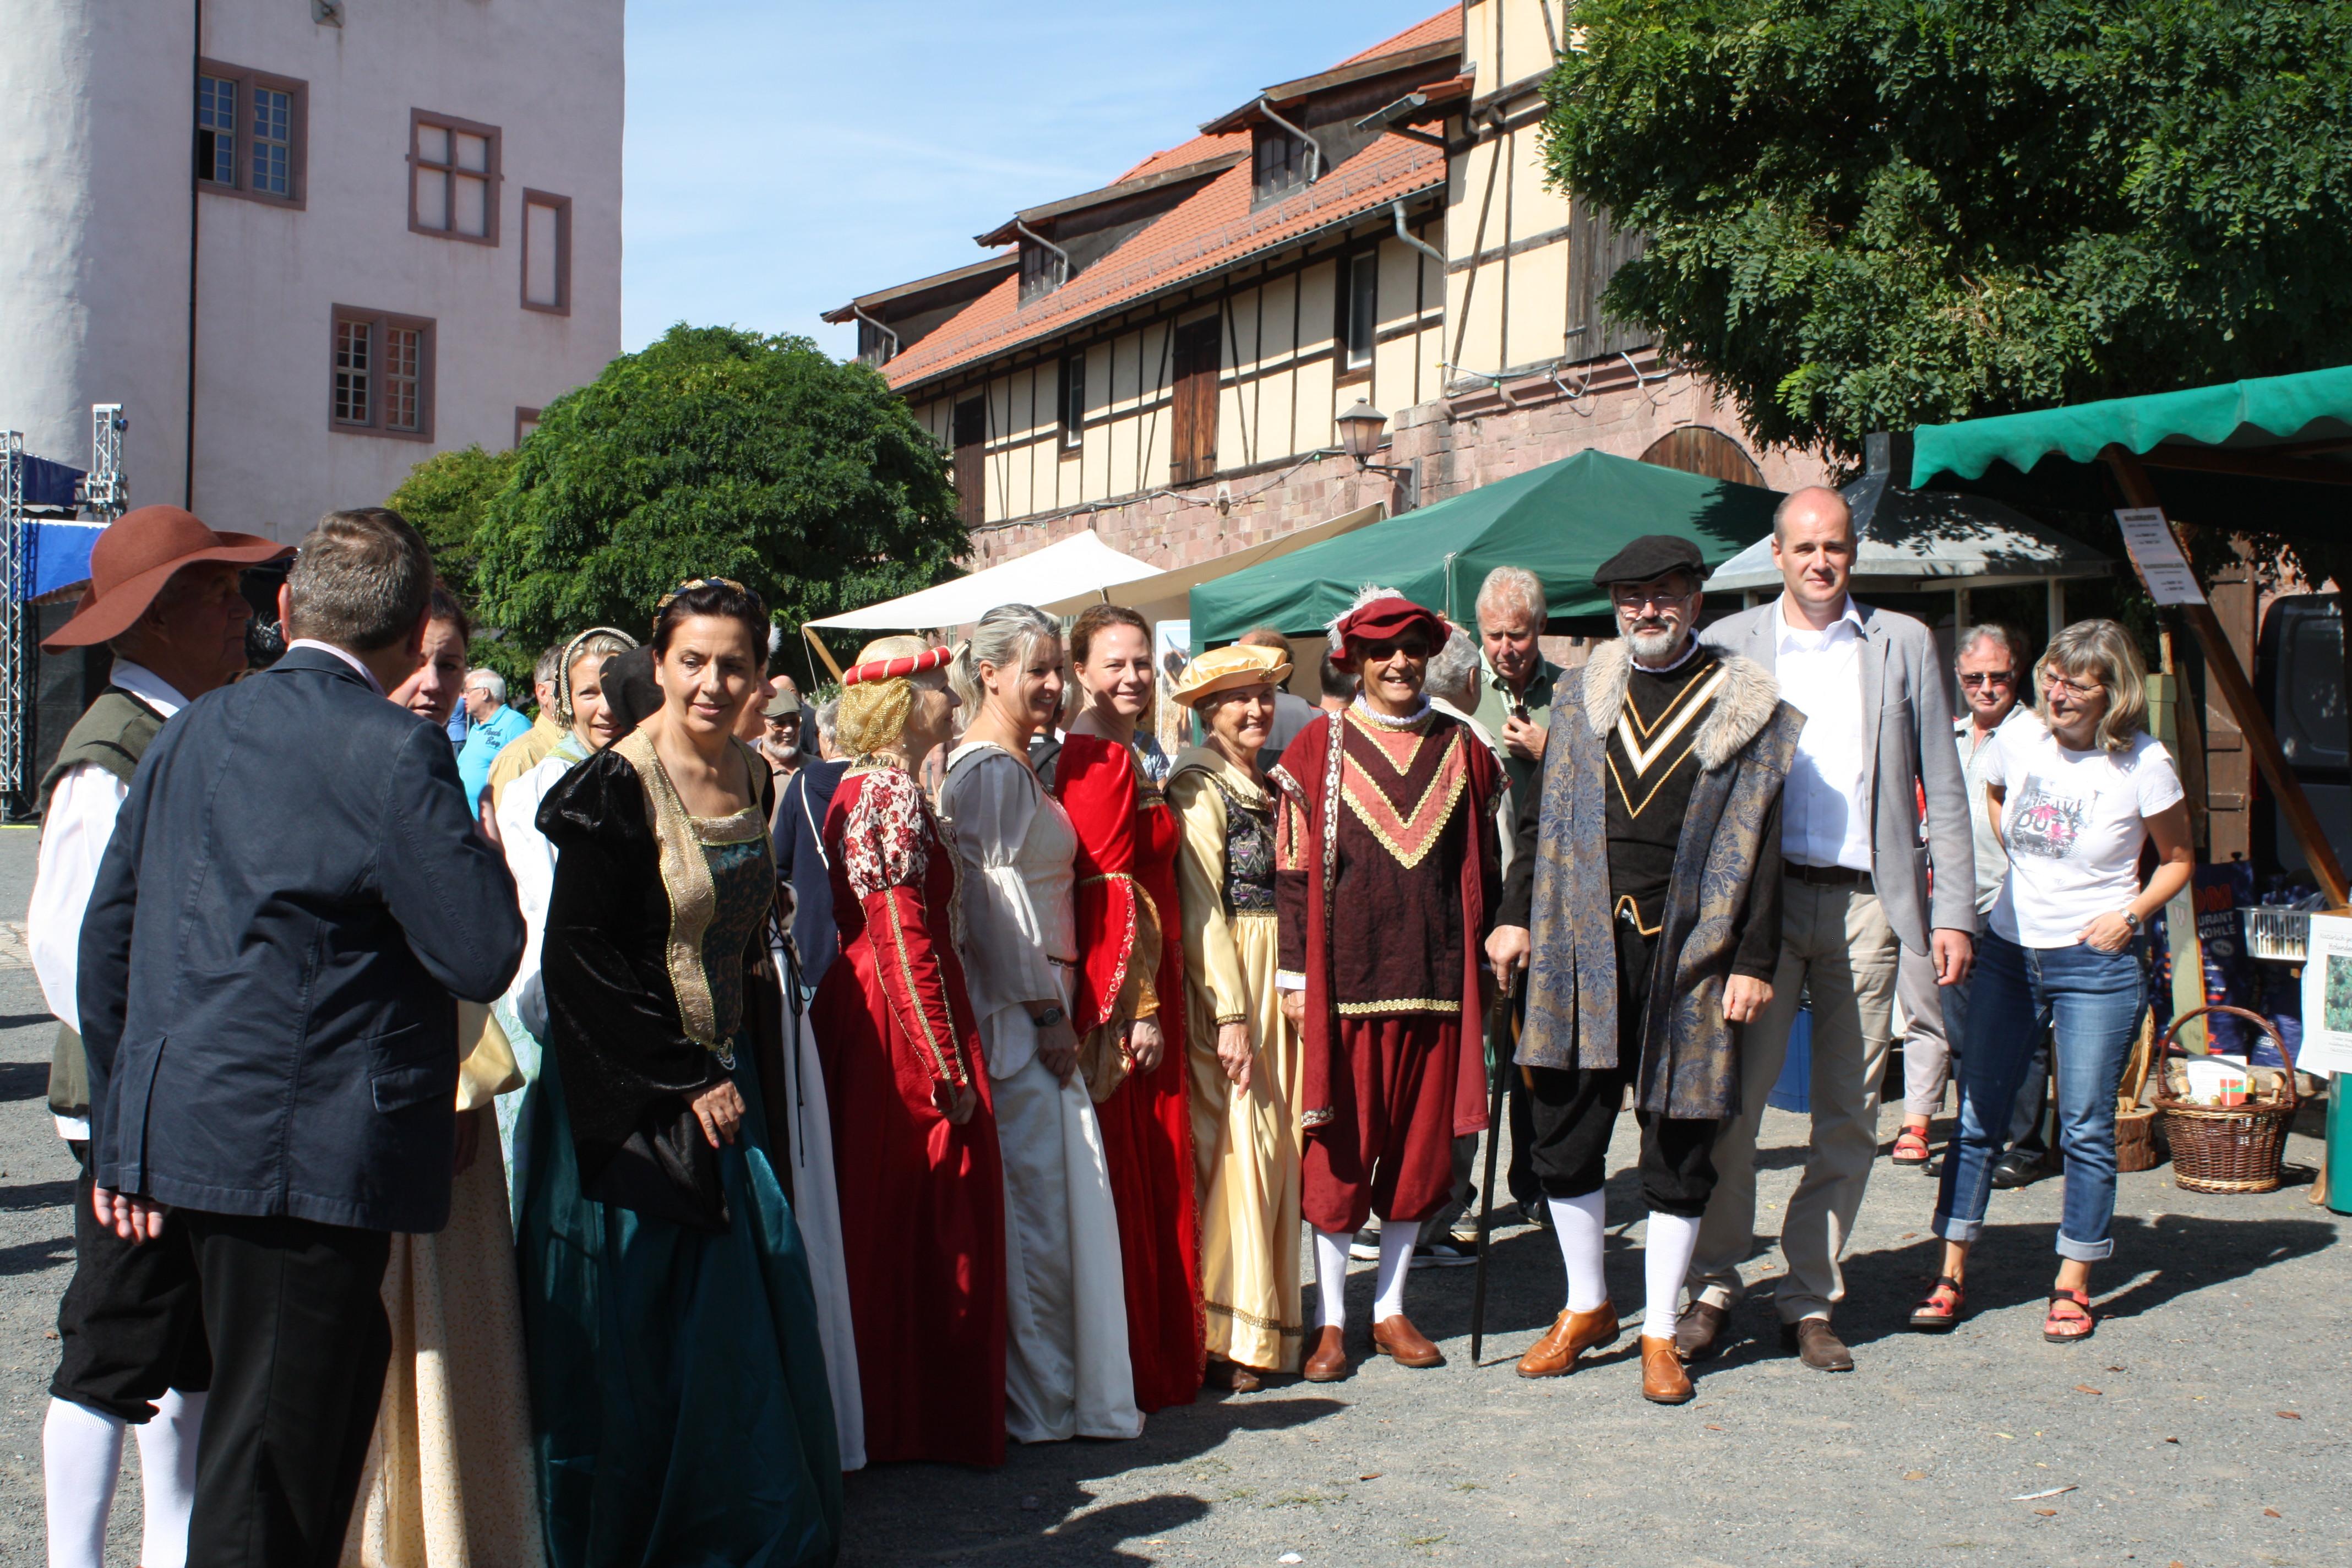 Während einer Pause erkundeten die Mitglieder der Dansereie 1327 den Markt.JPG